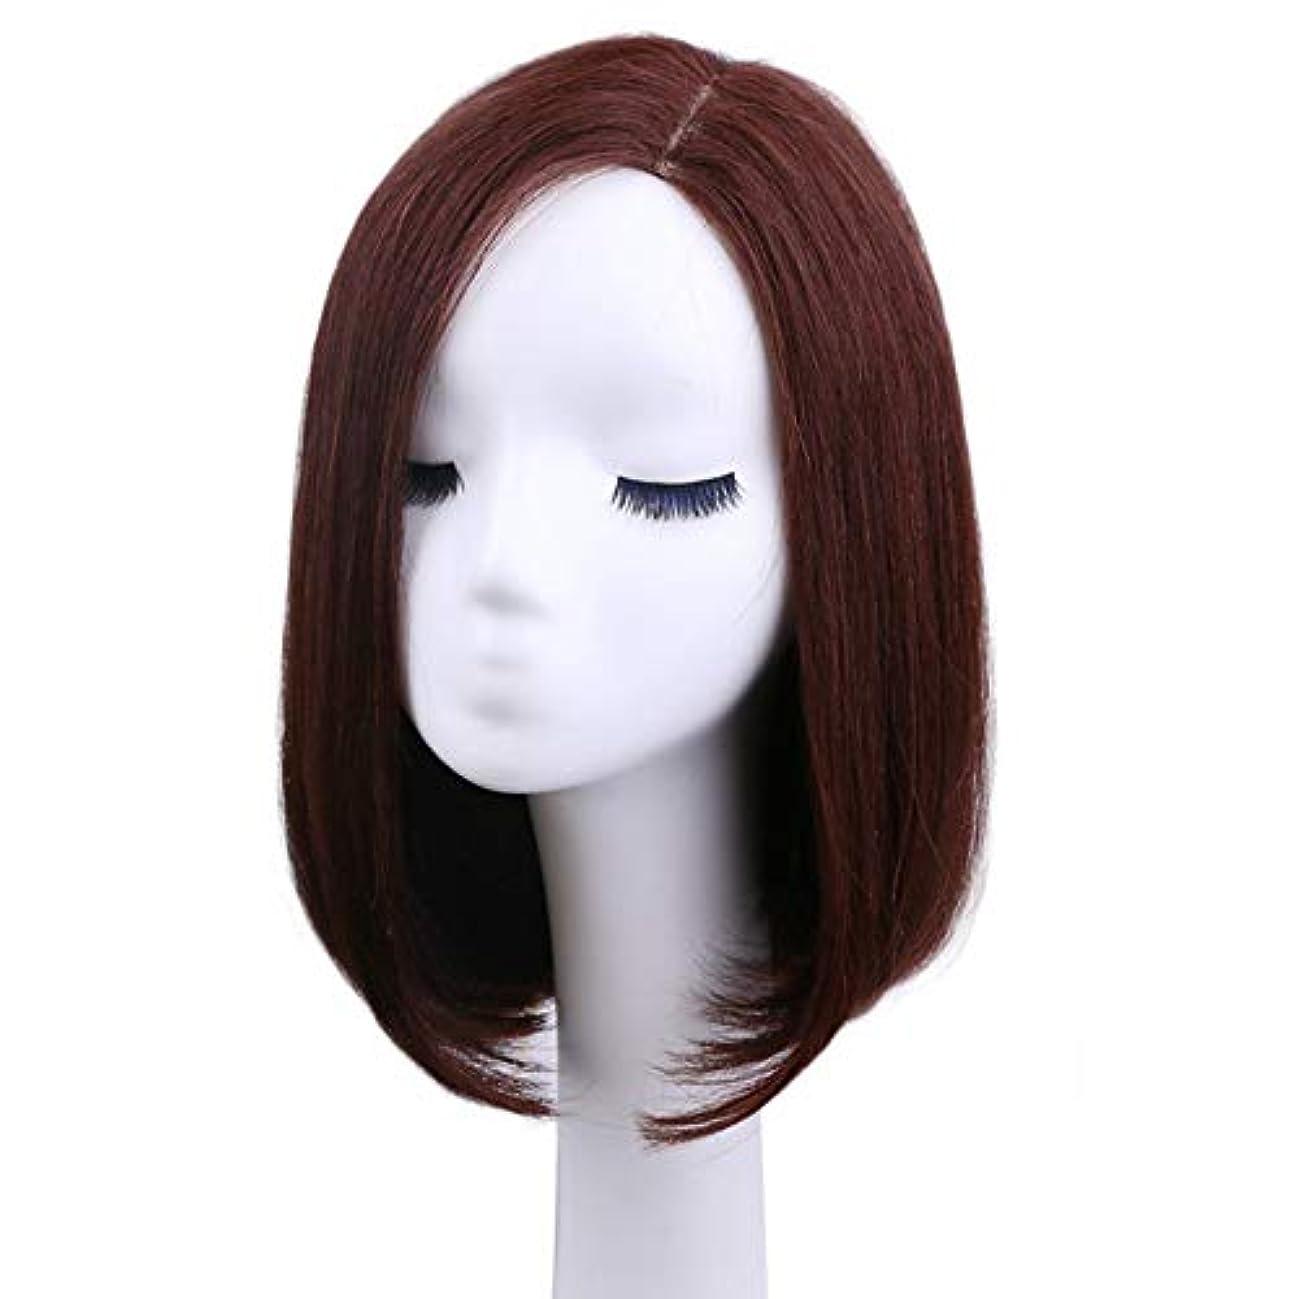 工夫する着服複雑でないYOUQIU 女性のデイリードレスウィッグのための本当の髪ボブウィッグバックルストレートヘアー (色 : Natural black, Design : Mechanism)